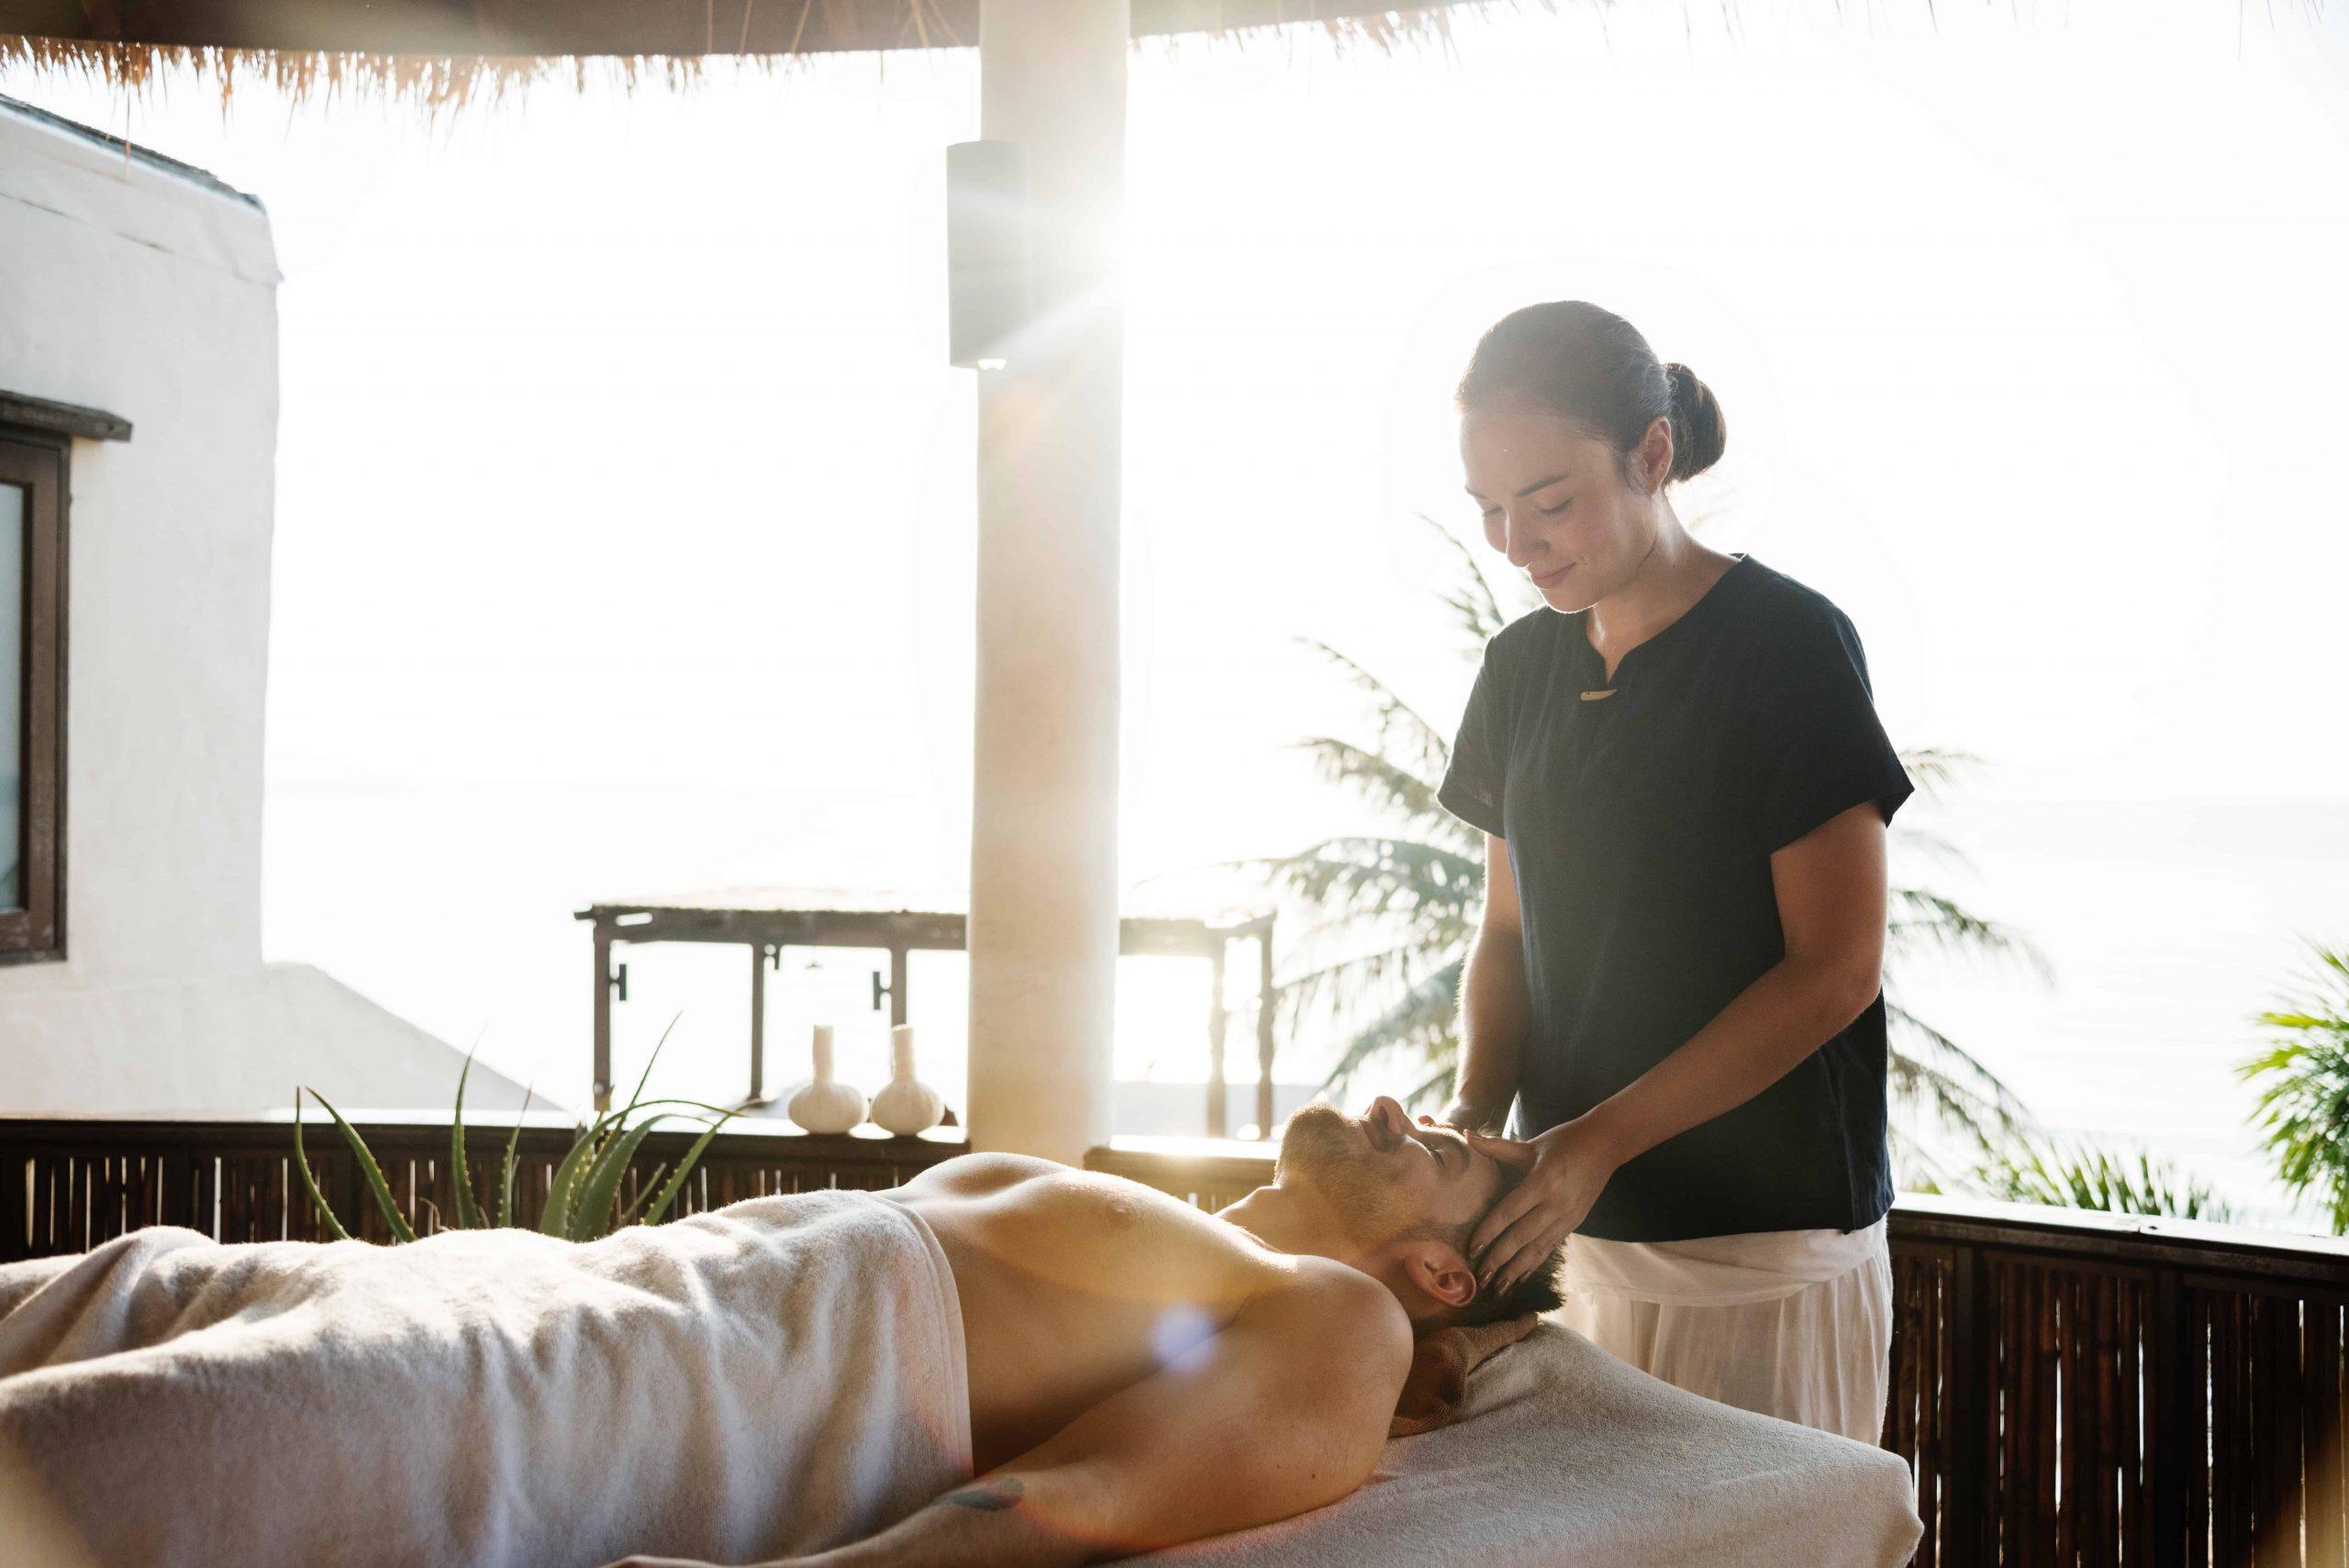 Massageauflage: Test & Empfehlungen (03/21)